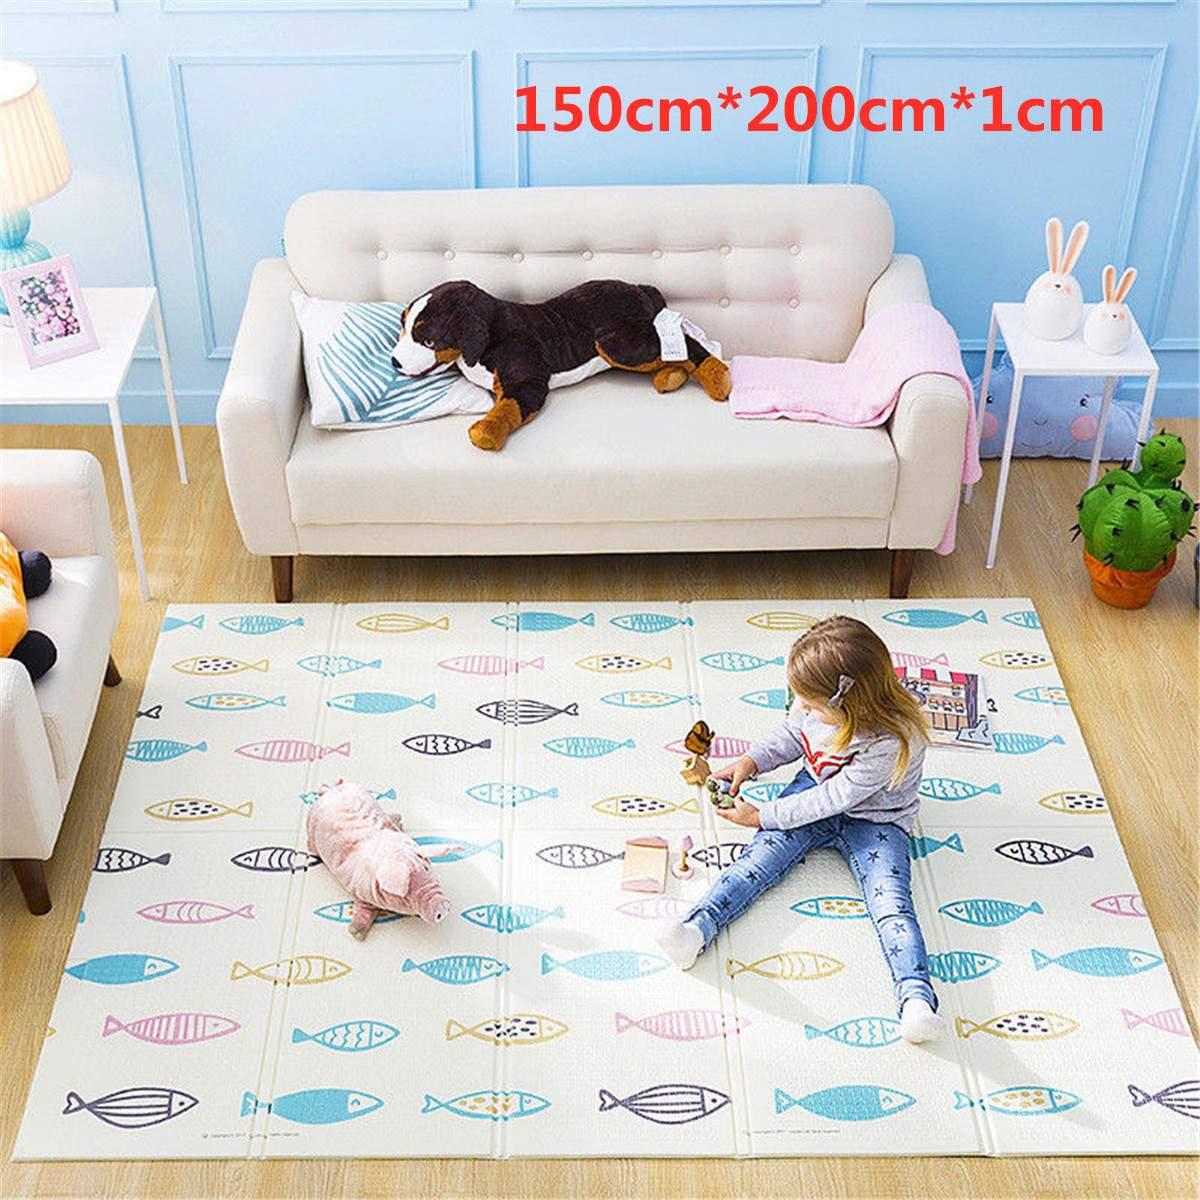 150x200x1 cm pliable bébé tapis de jeu infantile brillant bébé tapis de jeu dessin animé bébé enfants tapis Puzzles tapis dans le jeu de pépinière